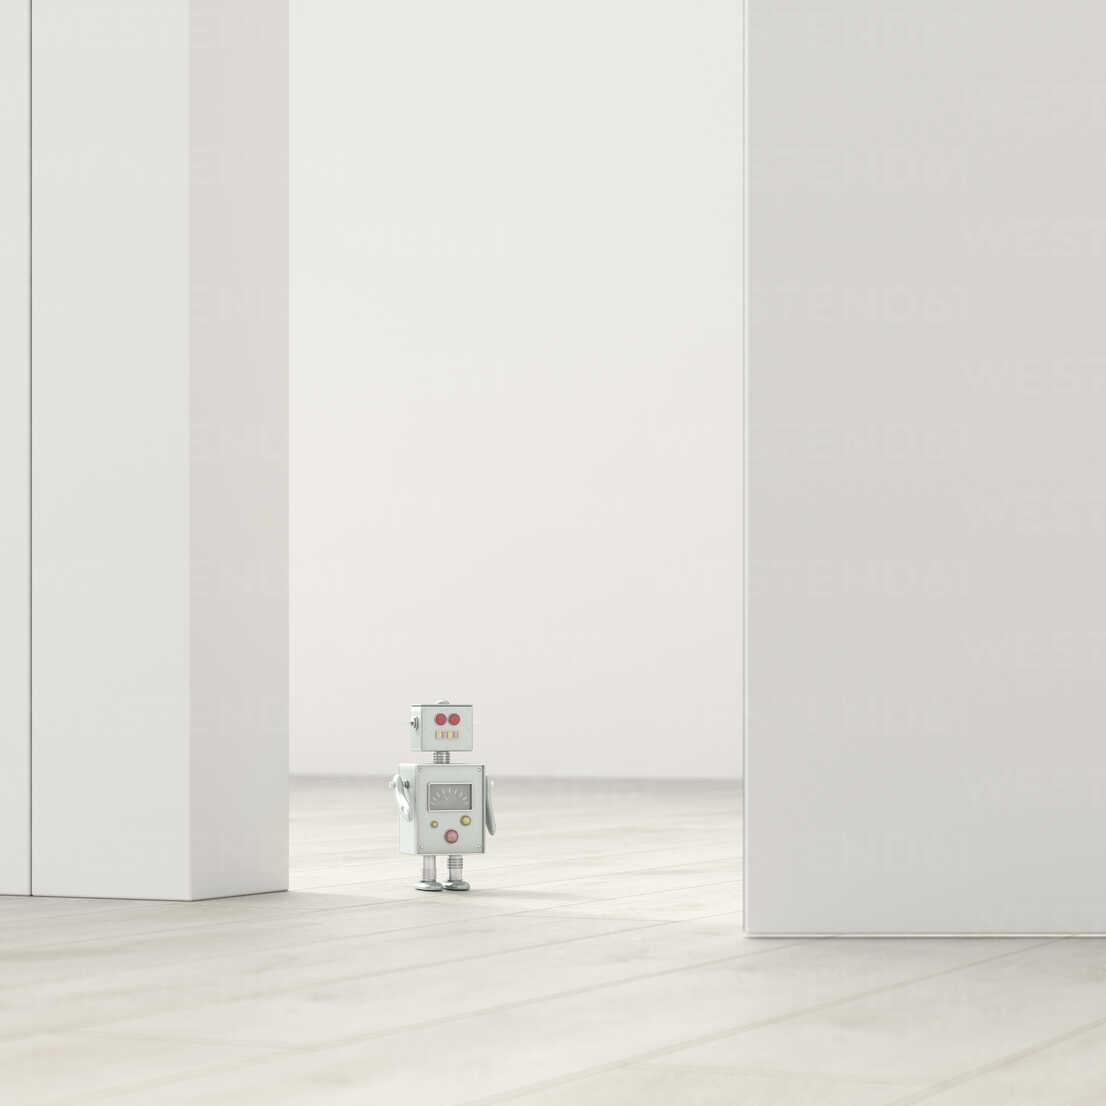 Robot in an empty room, 3d rendering - UWF01381 - HuberStarke/Westend61